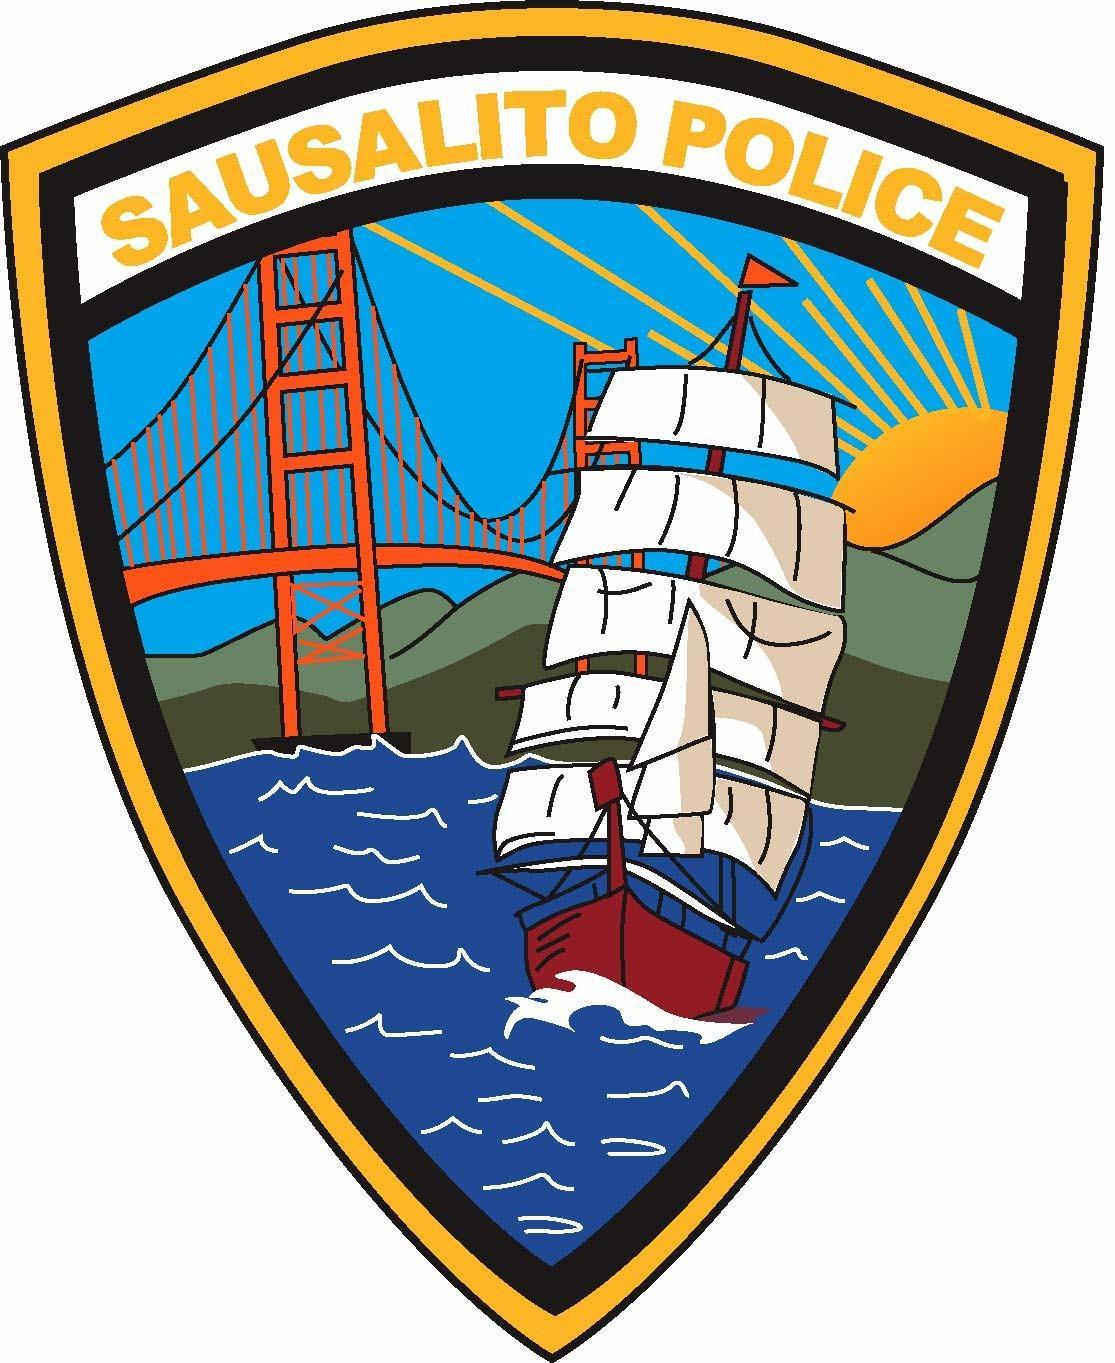 Sausalito Police Patch